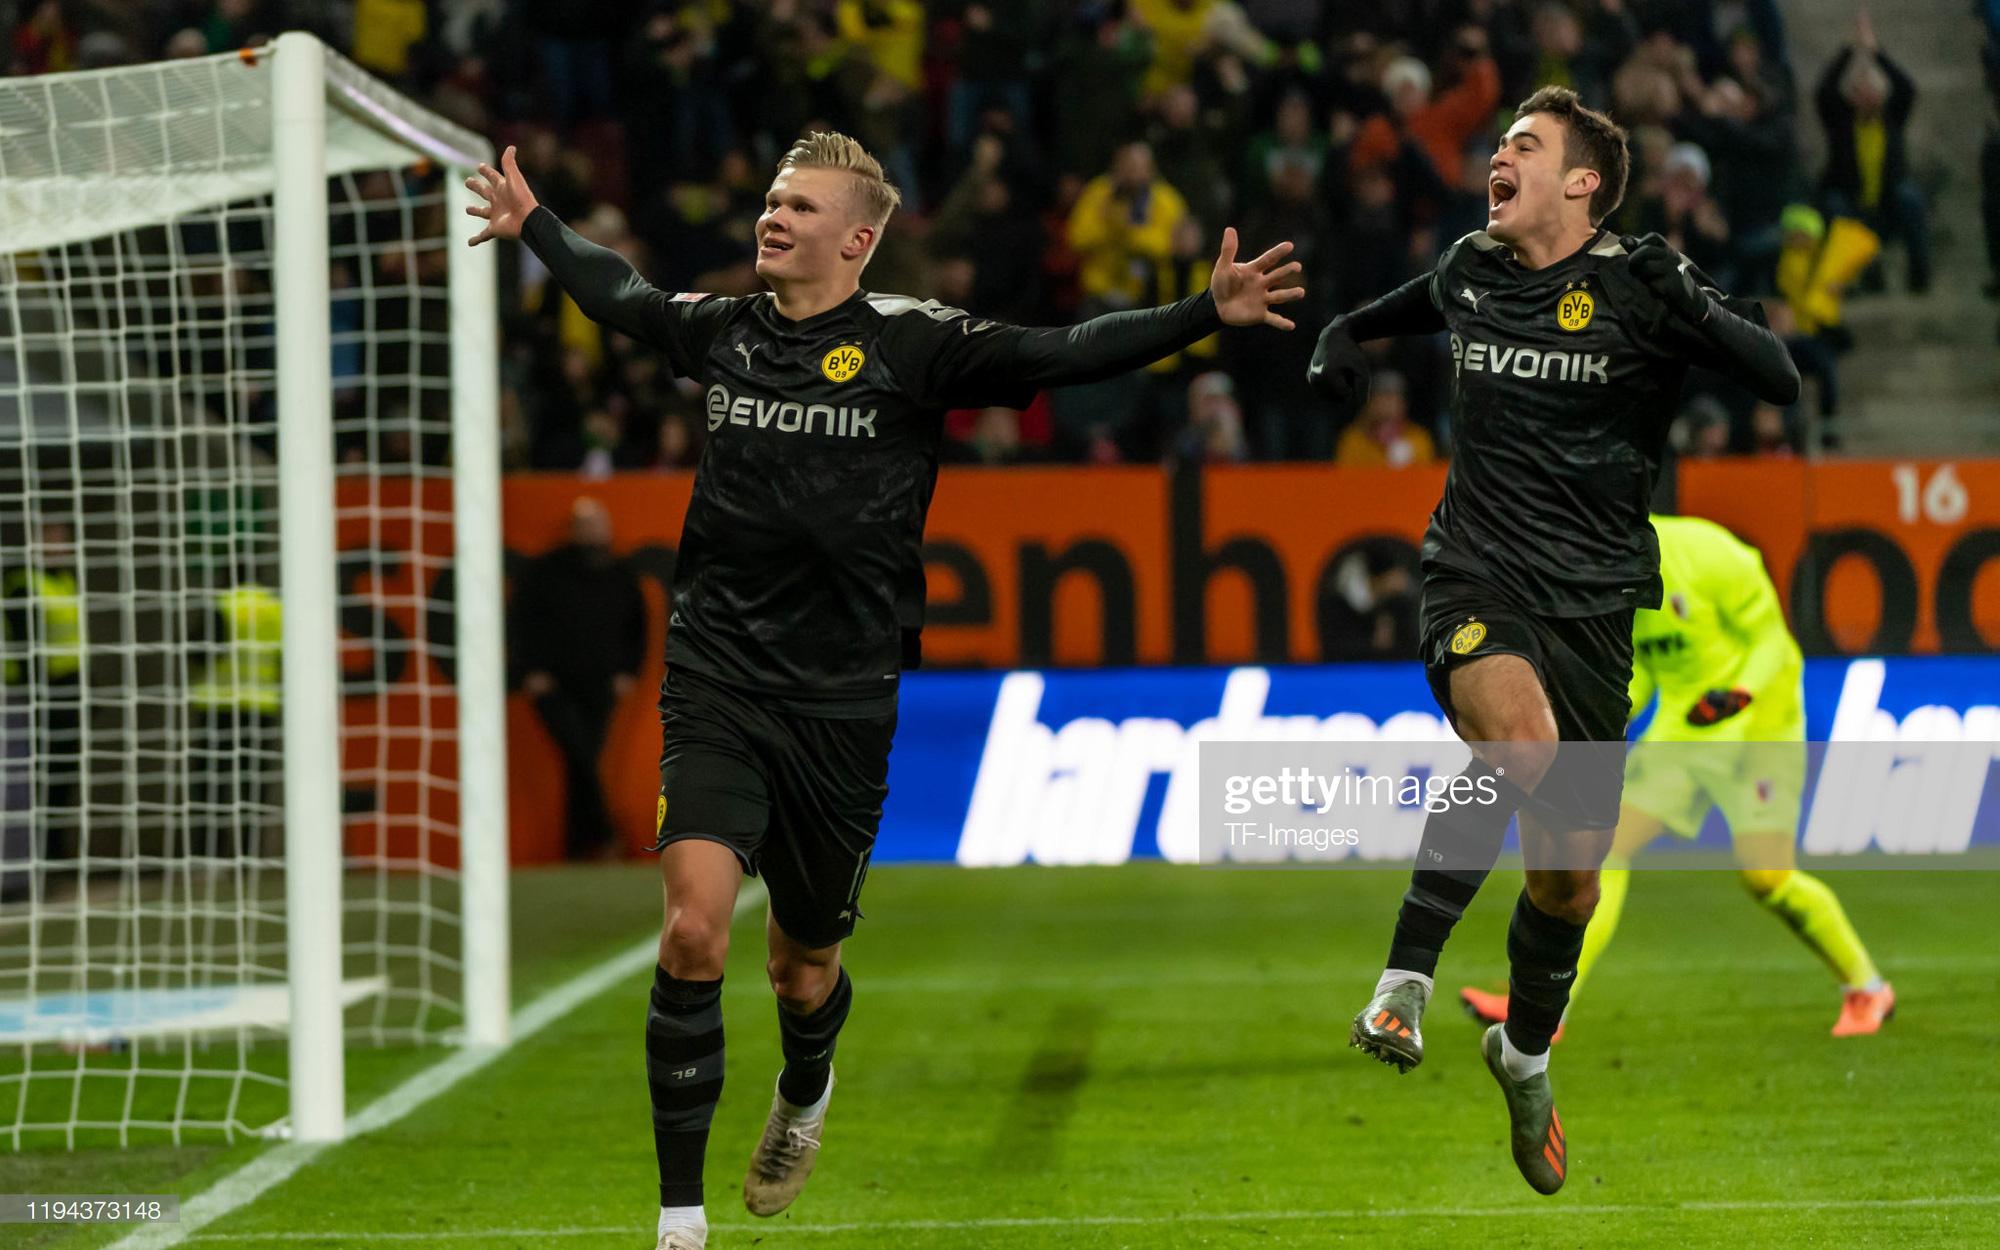 Khó có màn ra mắt nào ấn tượng hơn: Tiền đạo kiêm kỷ lục gia được săn đón nhất châu Âu ghi 3 bàn chỉ trong 20 phút